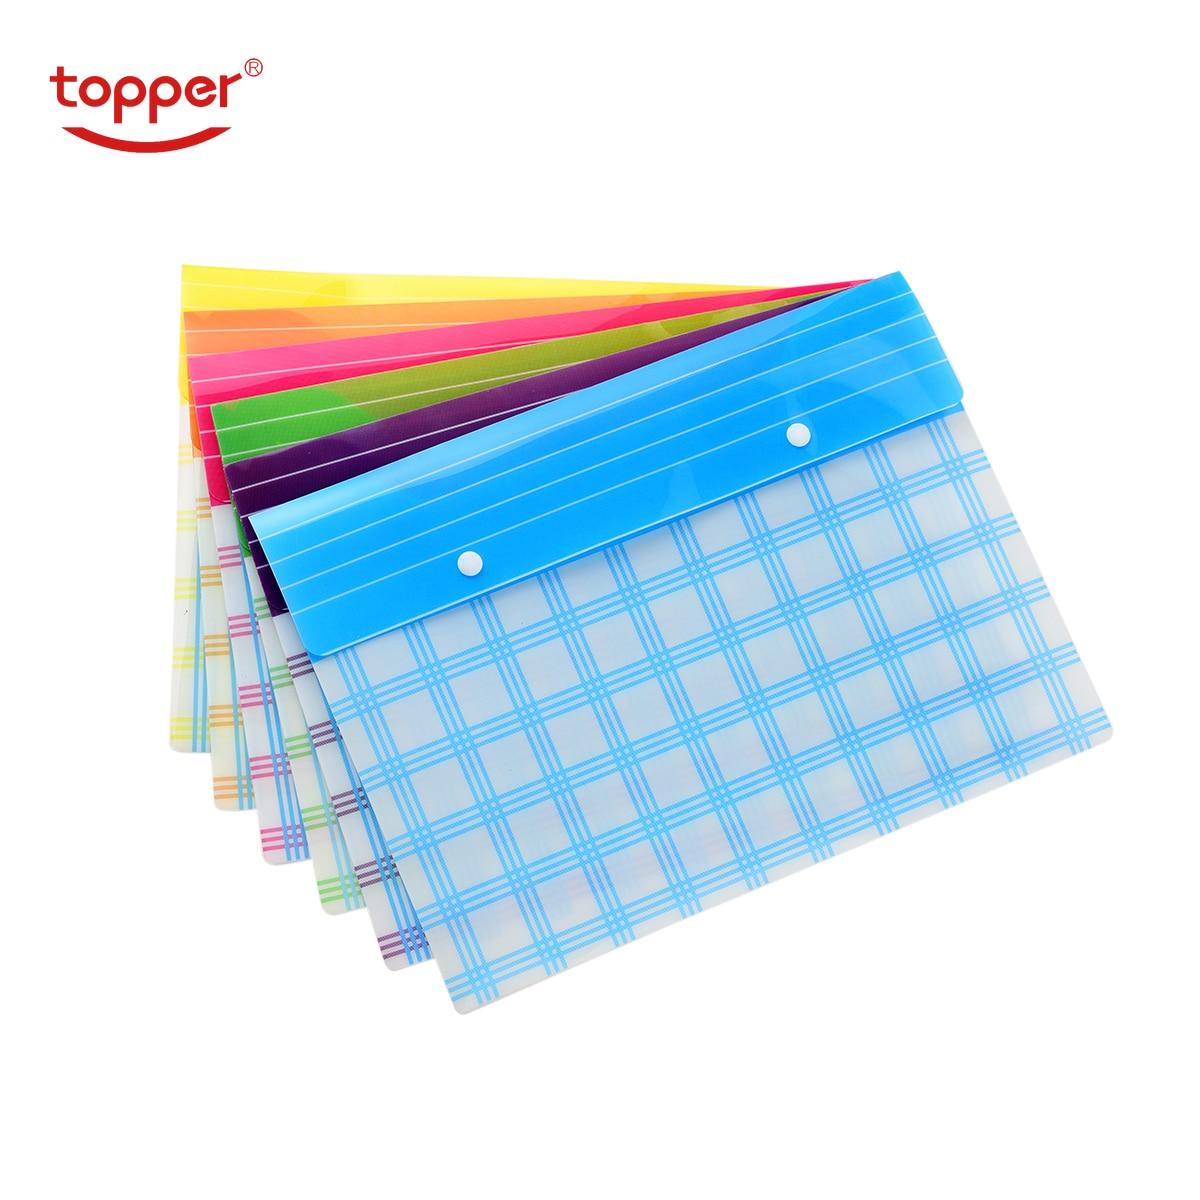 [해외]6pcs/set freeshiping FC/A4 size transparent printed Plastic document bag fileFolders Filing Paper Storage Office School Supplies/6pcs/set freeship